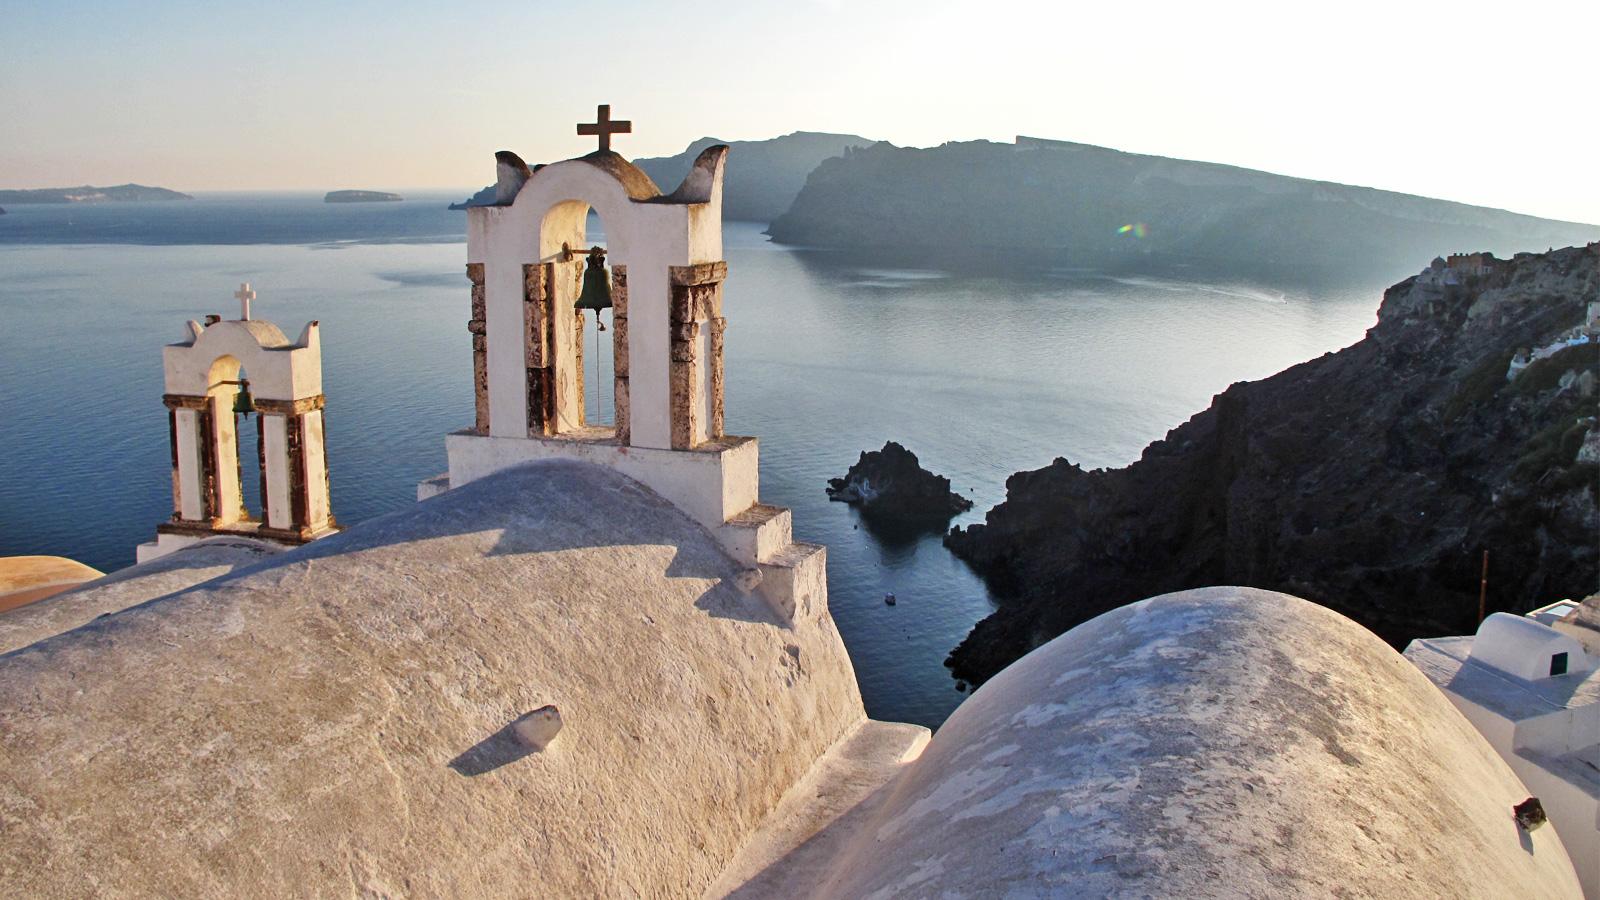 Segeln in Griechenland Von Santorini nach Athen Gruppenreise traveljunkies